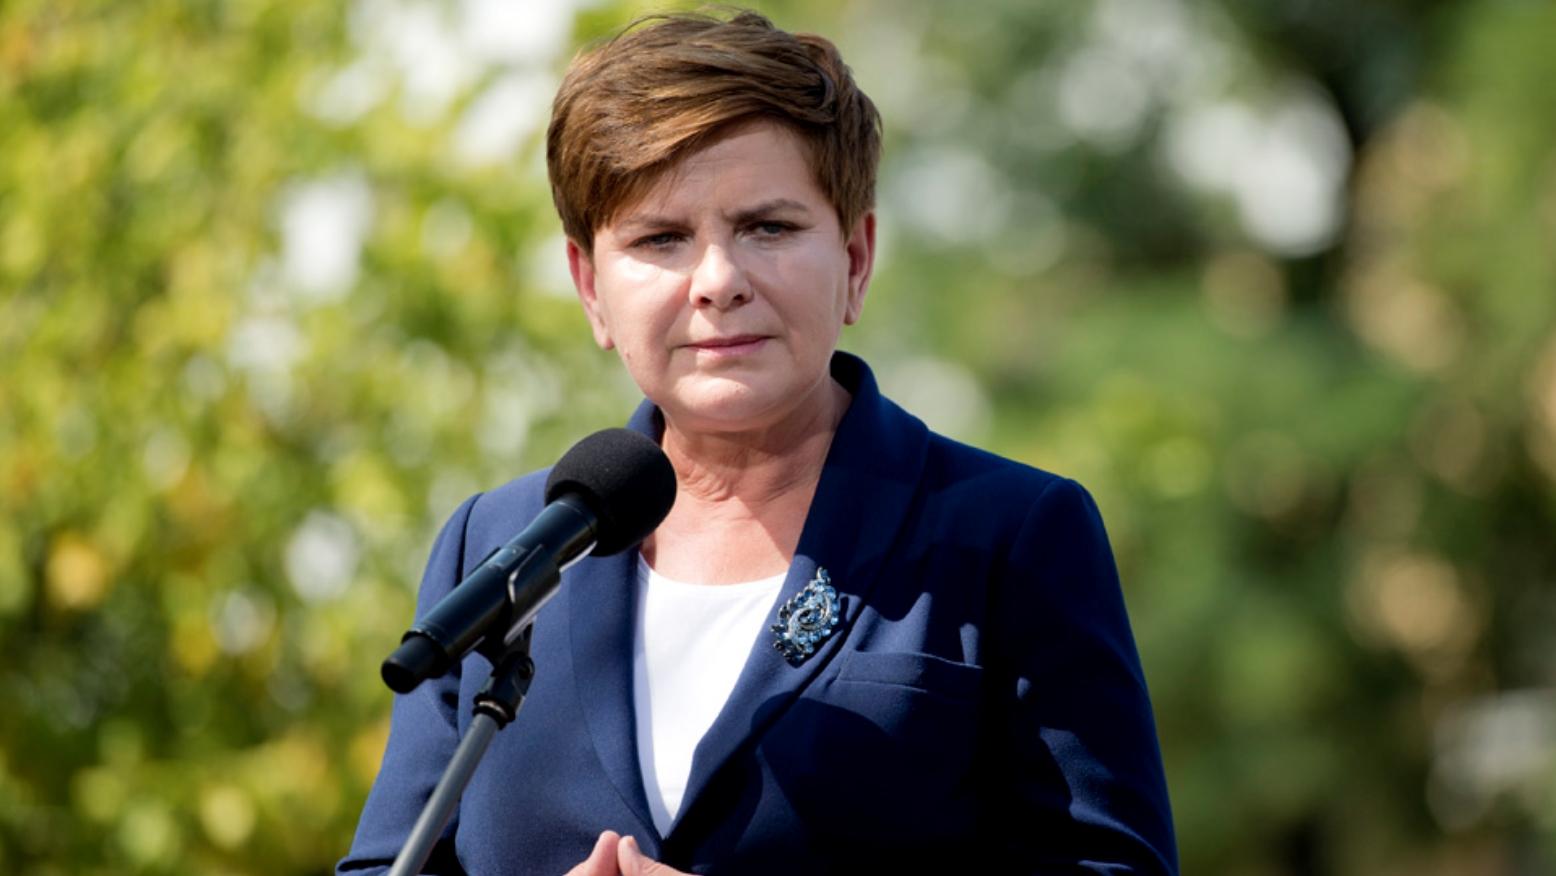 Beata Szydło: Wielu chciałoby żyć w tak praworządnym kraju